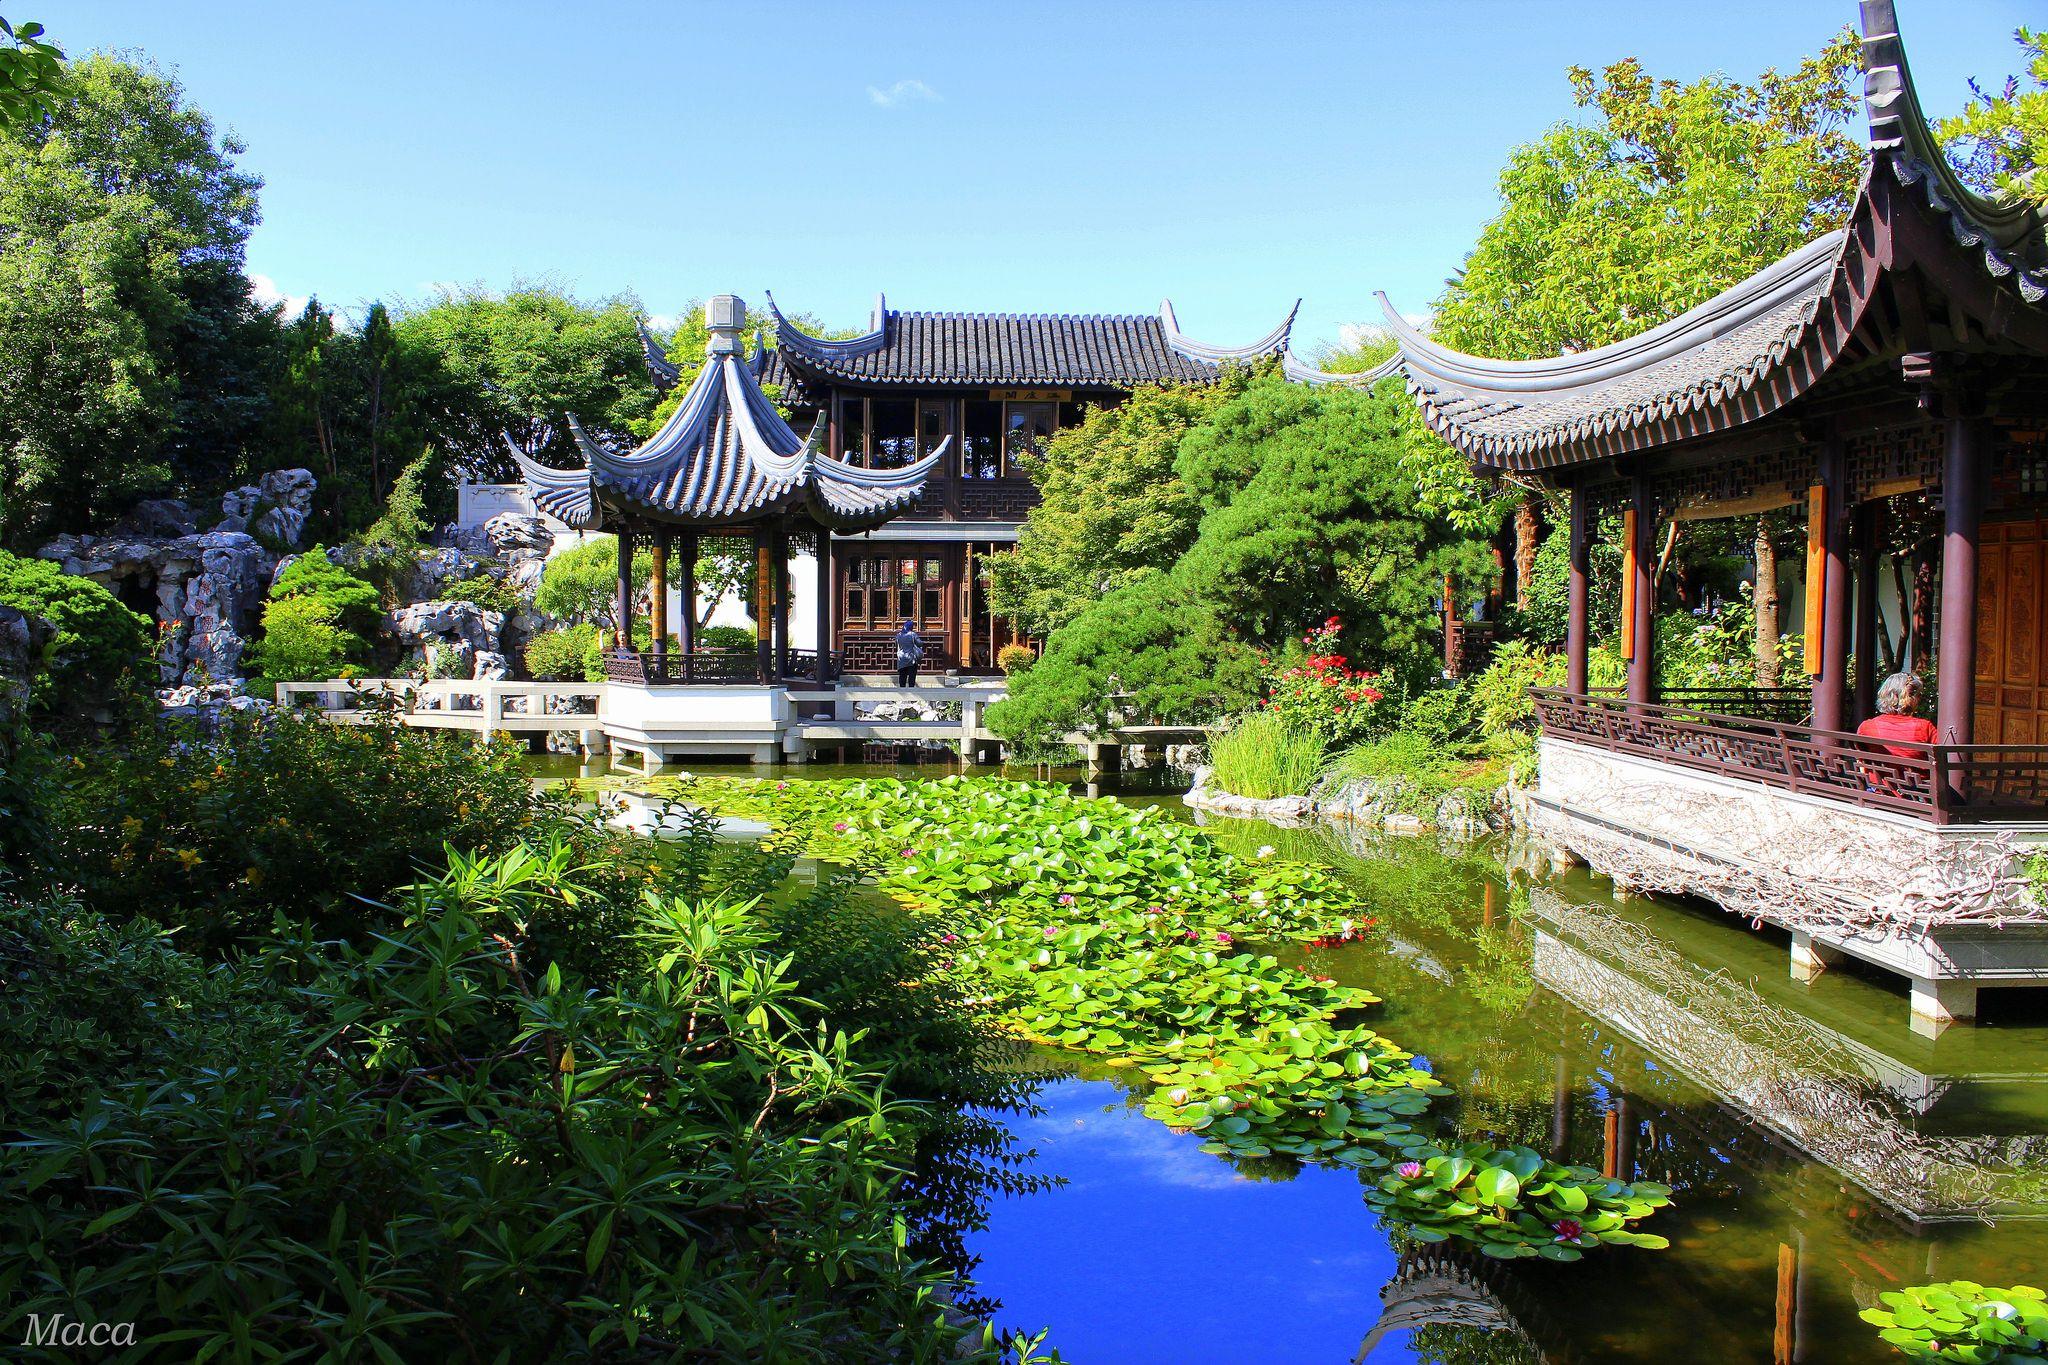 Httpsflickrpvkfzj3 - Lan Su Chinese Garden